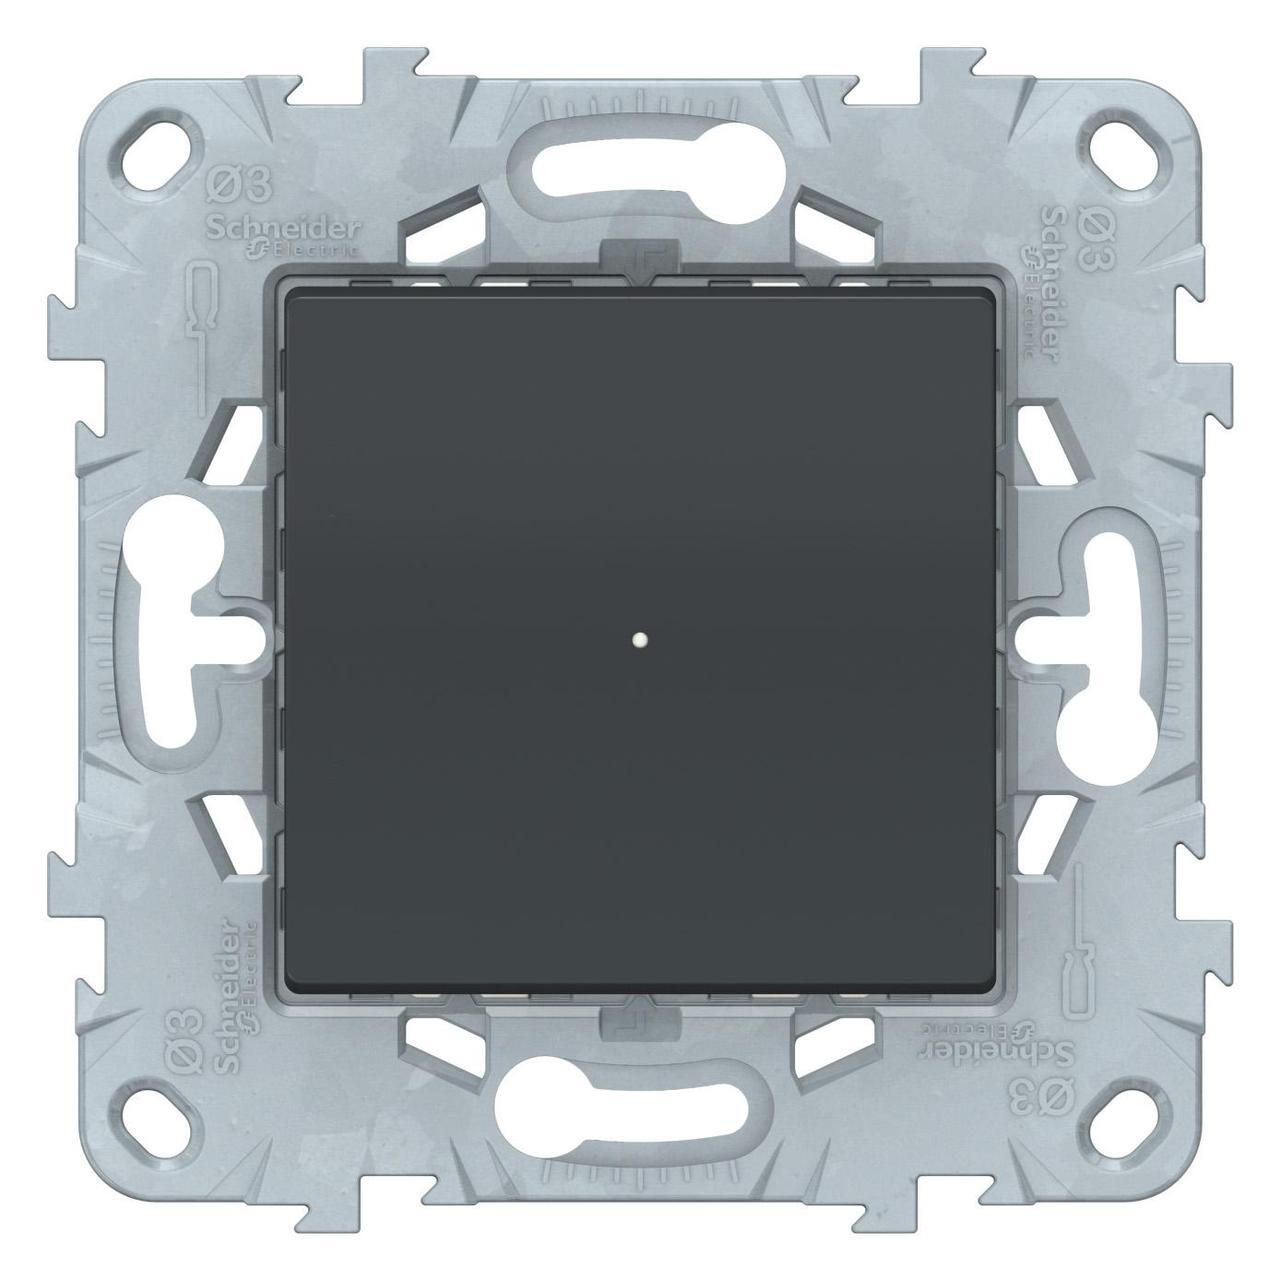 Диммер поворотно-нажимной , 200Вт LED универсальны , Антрацит, серия Unica New, Schneider Electric